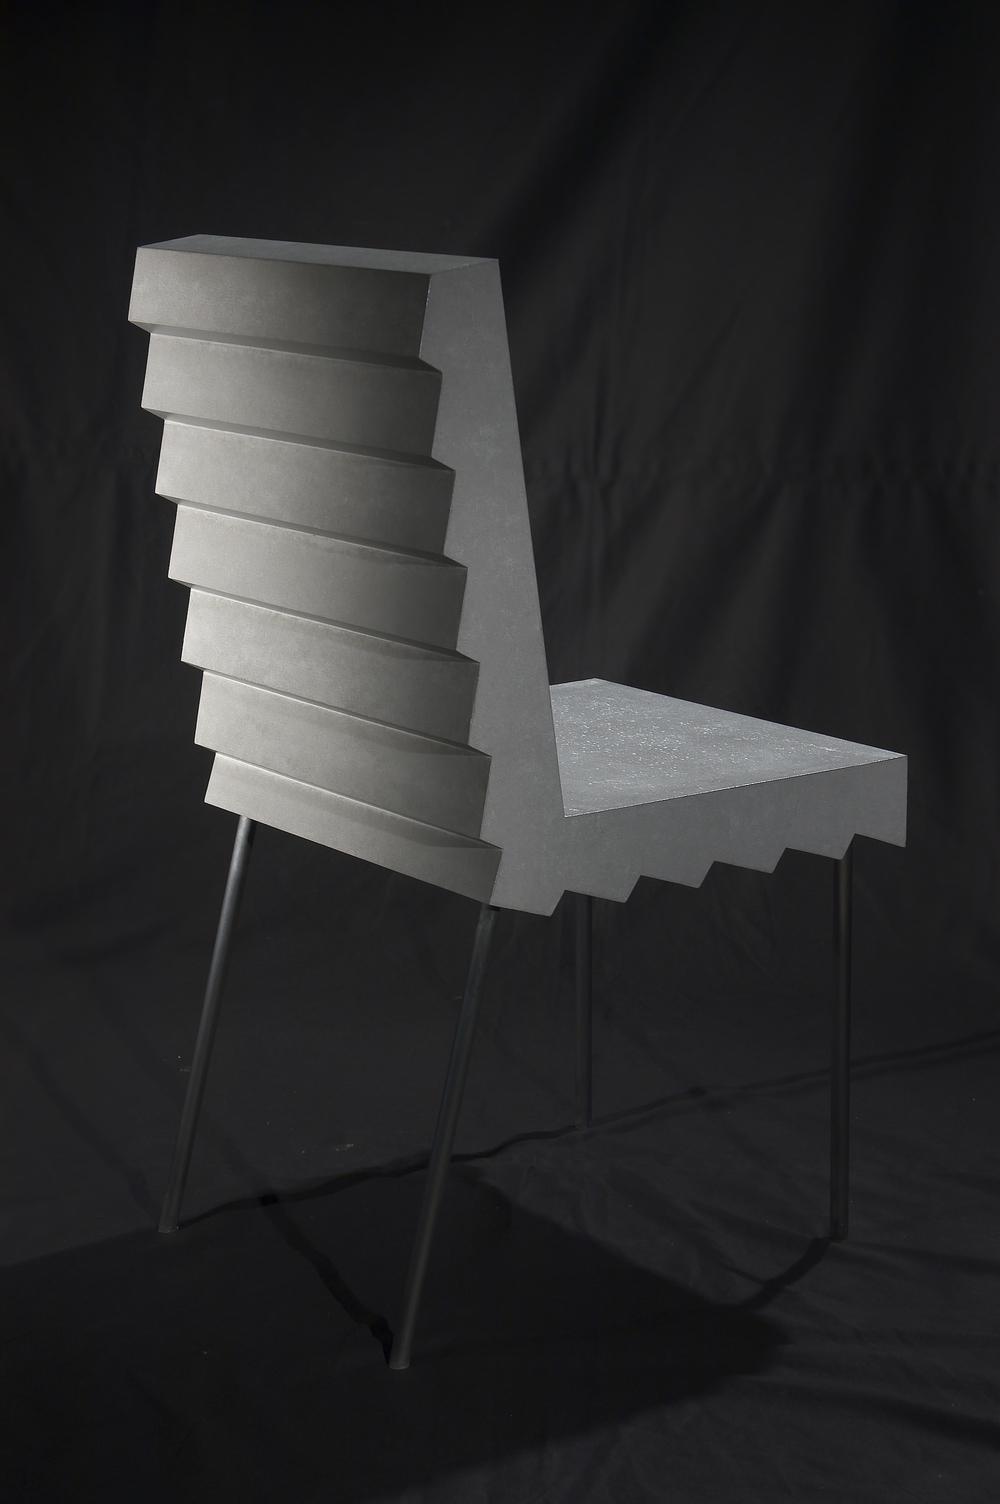 Emmanuelle Moureaux Architecture Design 39 Mg 39 Concrete Furniture Series